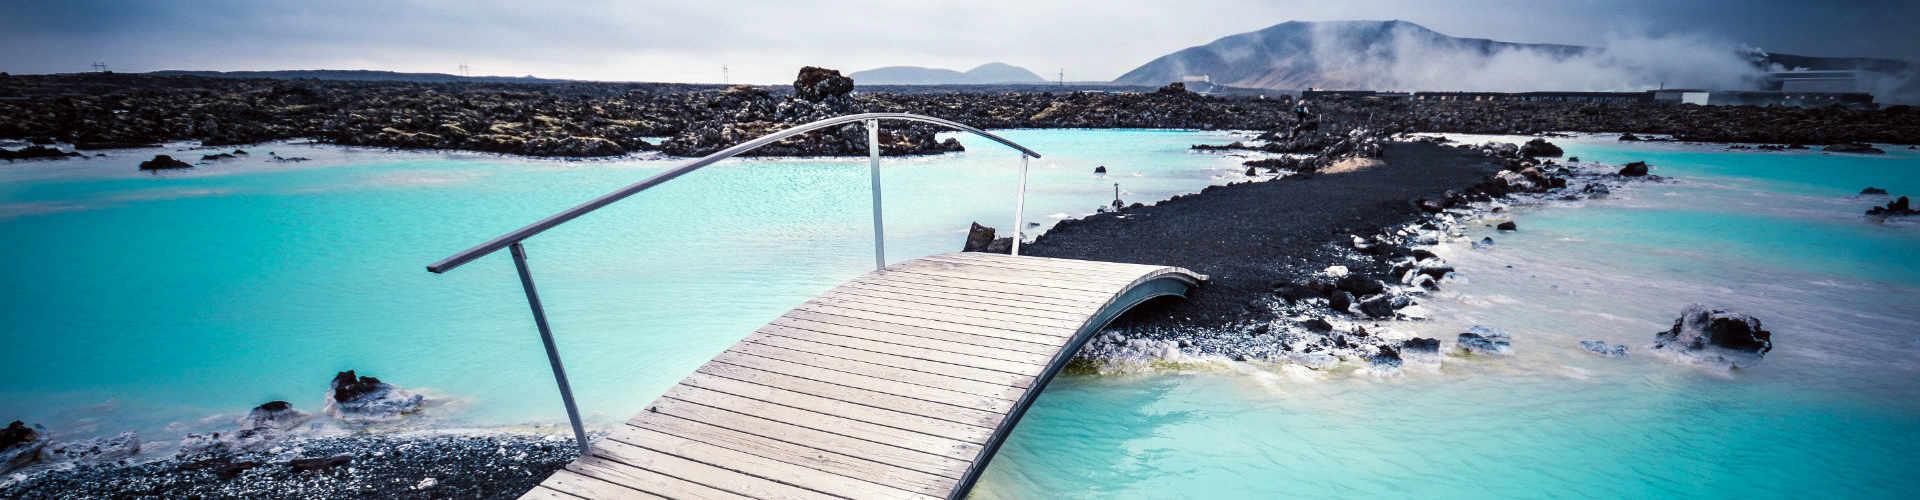 Reykjanes Peninsula & Blue Lagoon